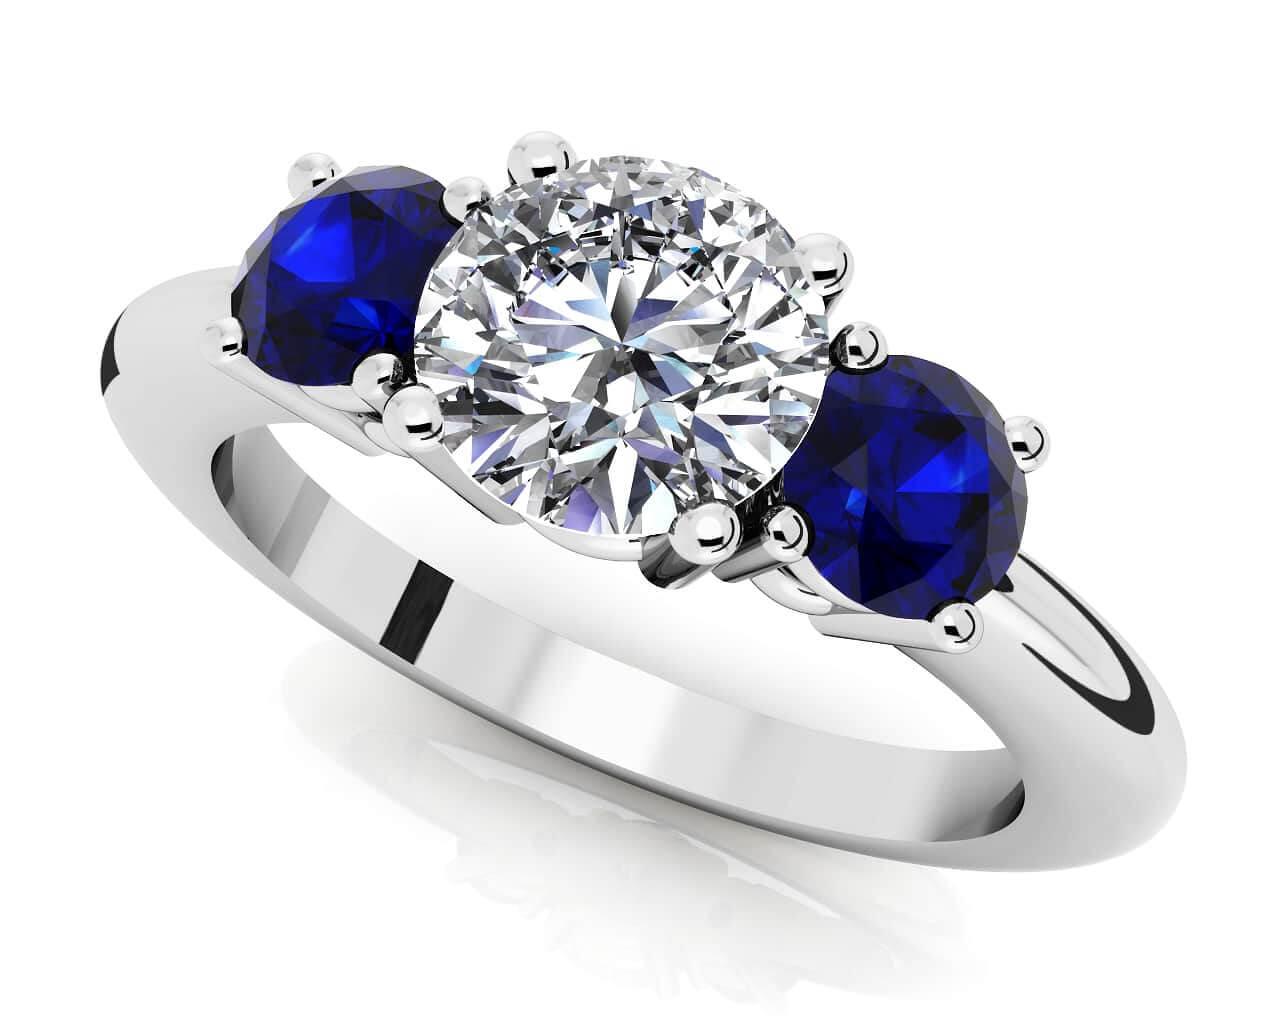 Diamond Gemstone Rings For Women